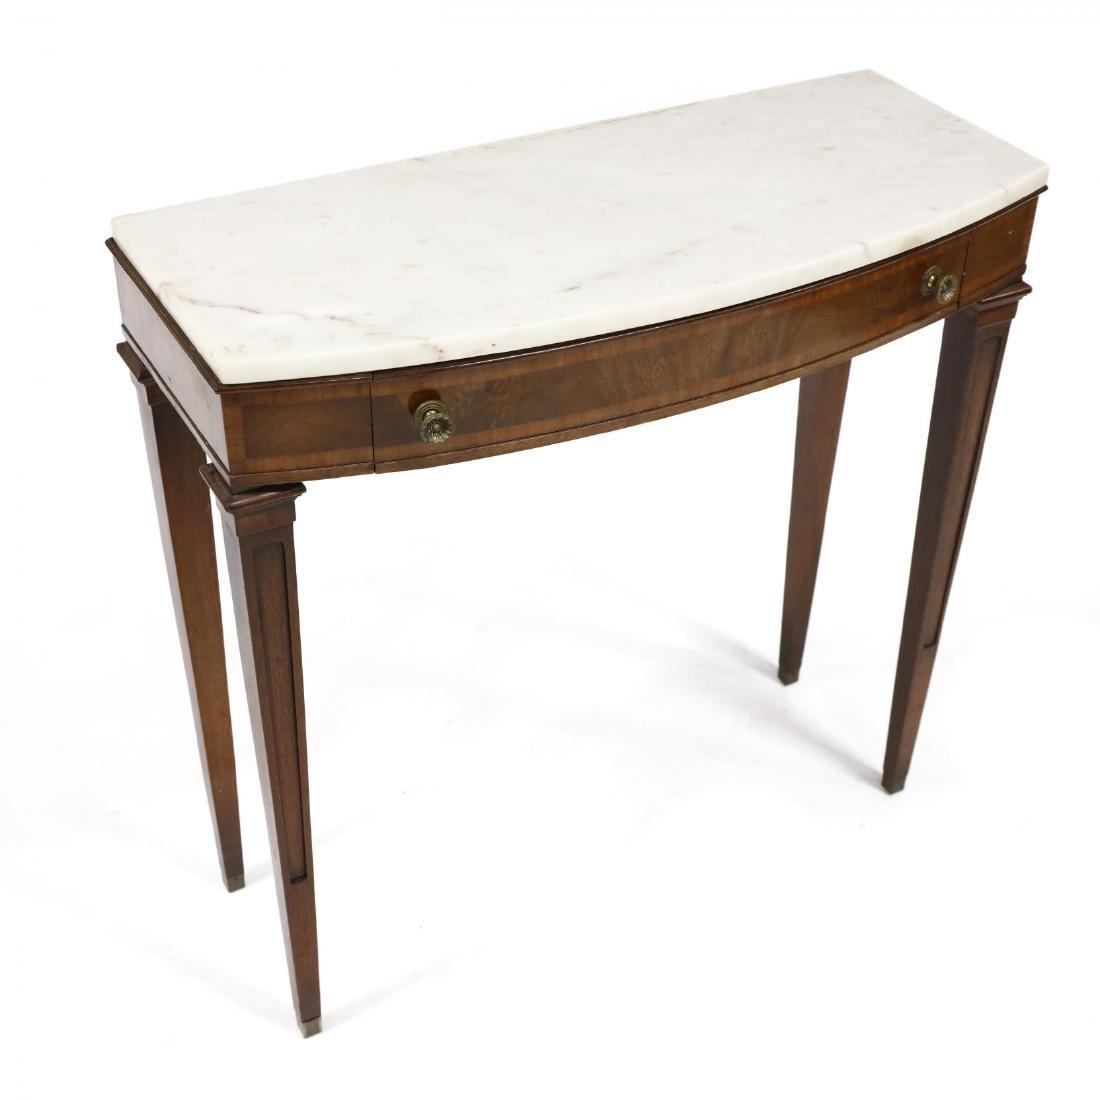 J. B. Van Sciver, Regency Style Marble Top Diminutive - 2